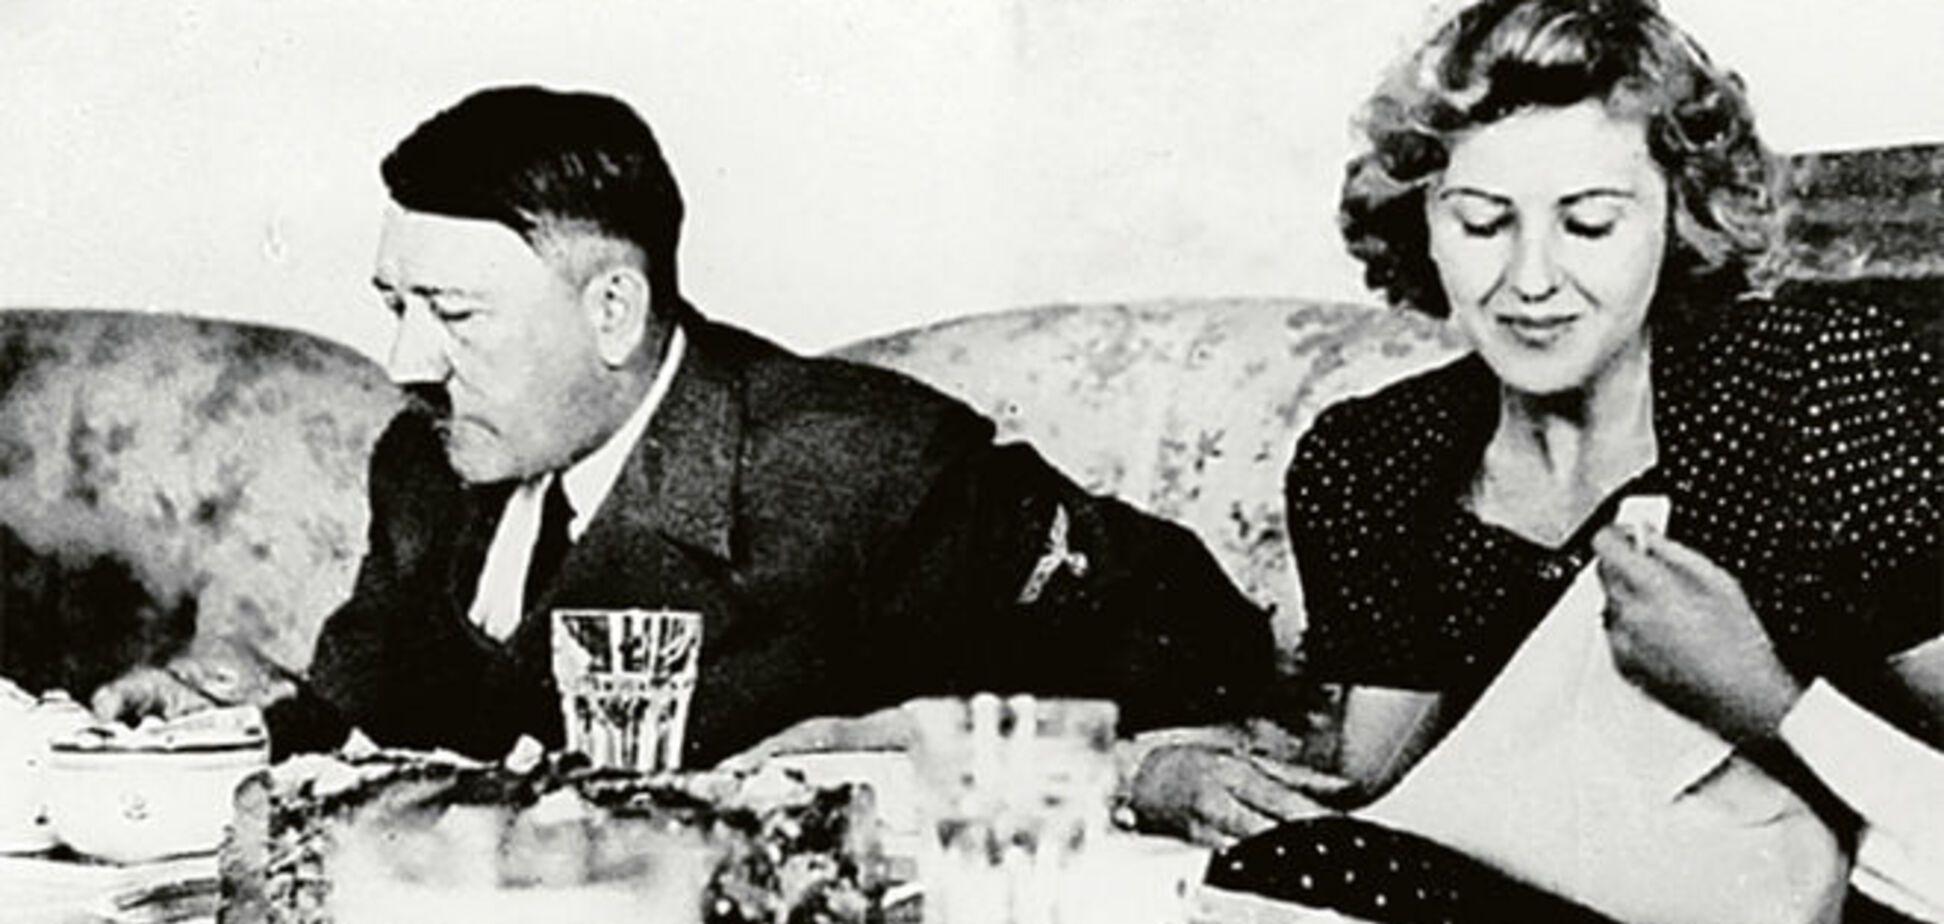 Чеснок и леденцы: названы самые необычные любимые блюда лидеров XX века